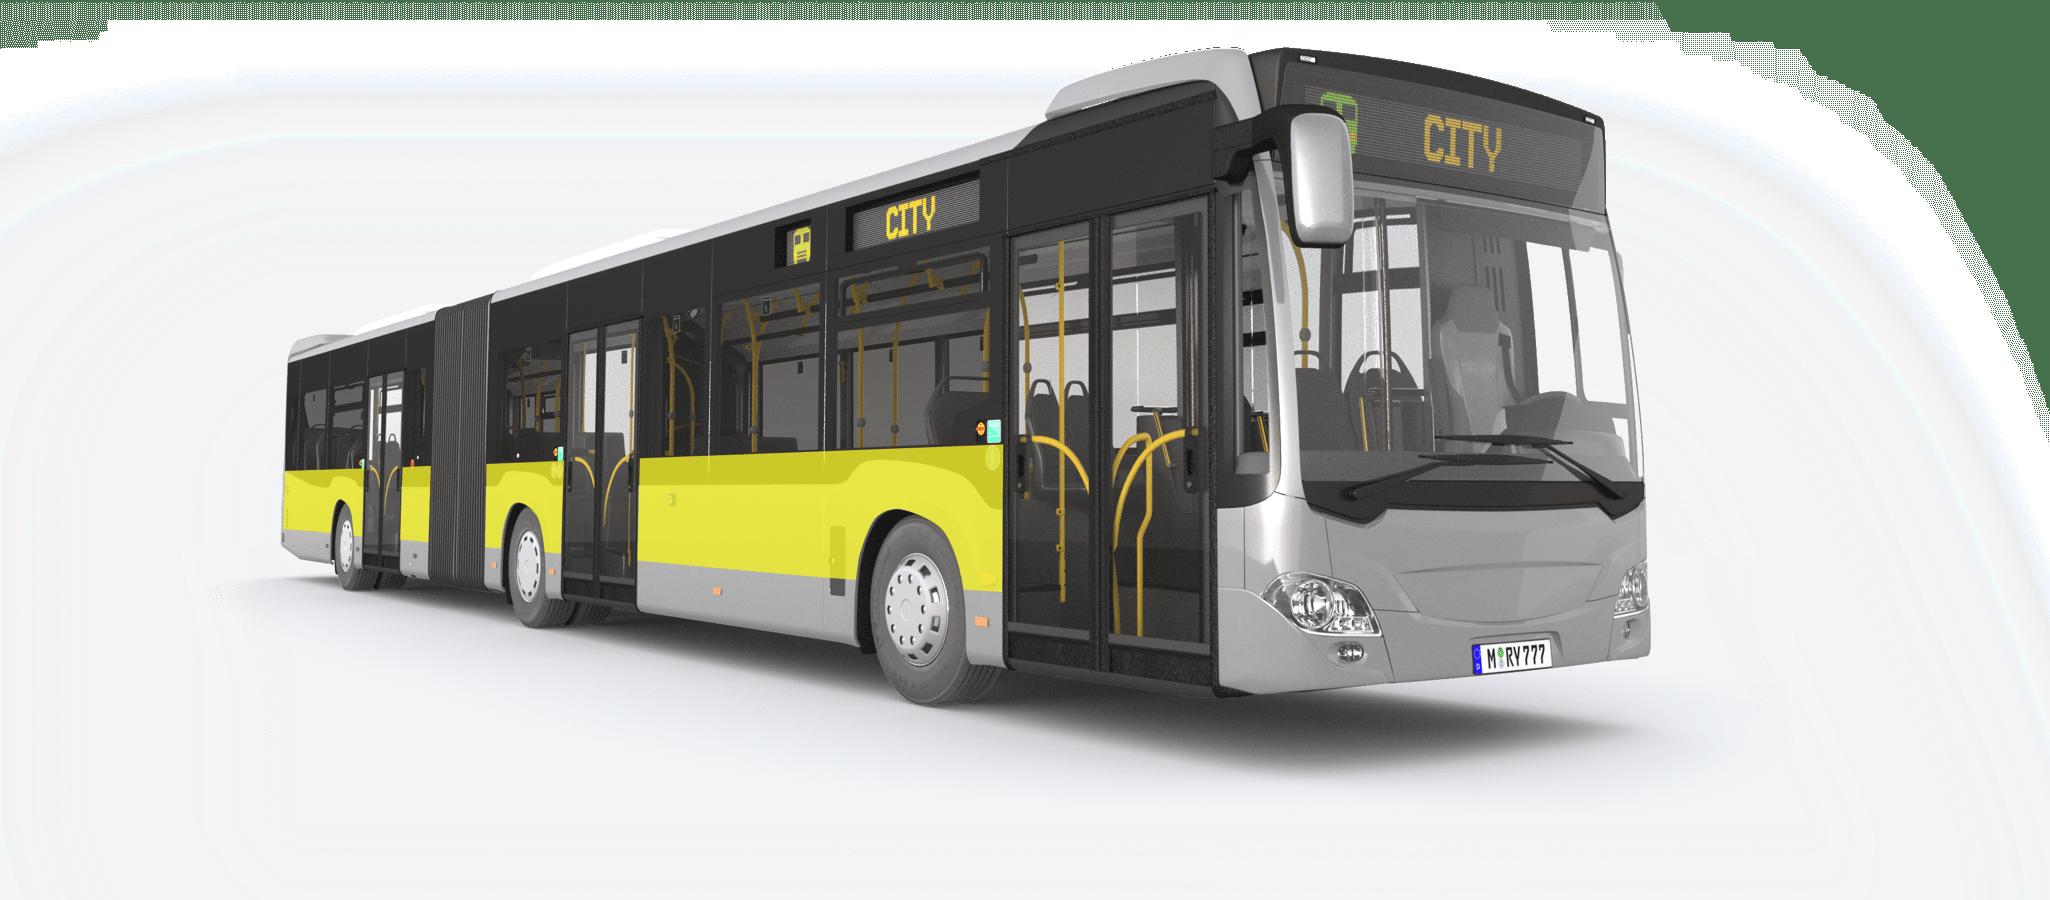 02_KWS-Buswerbung-Rumpfflaechenbeklebung